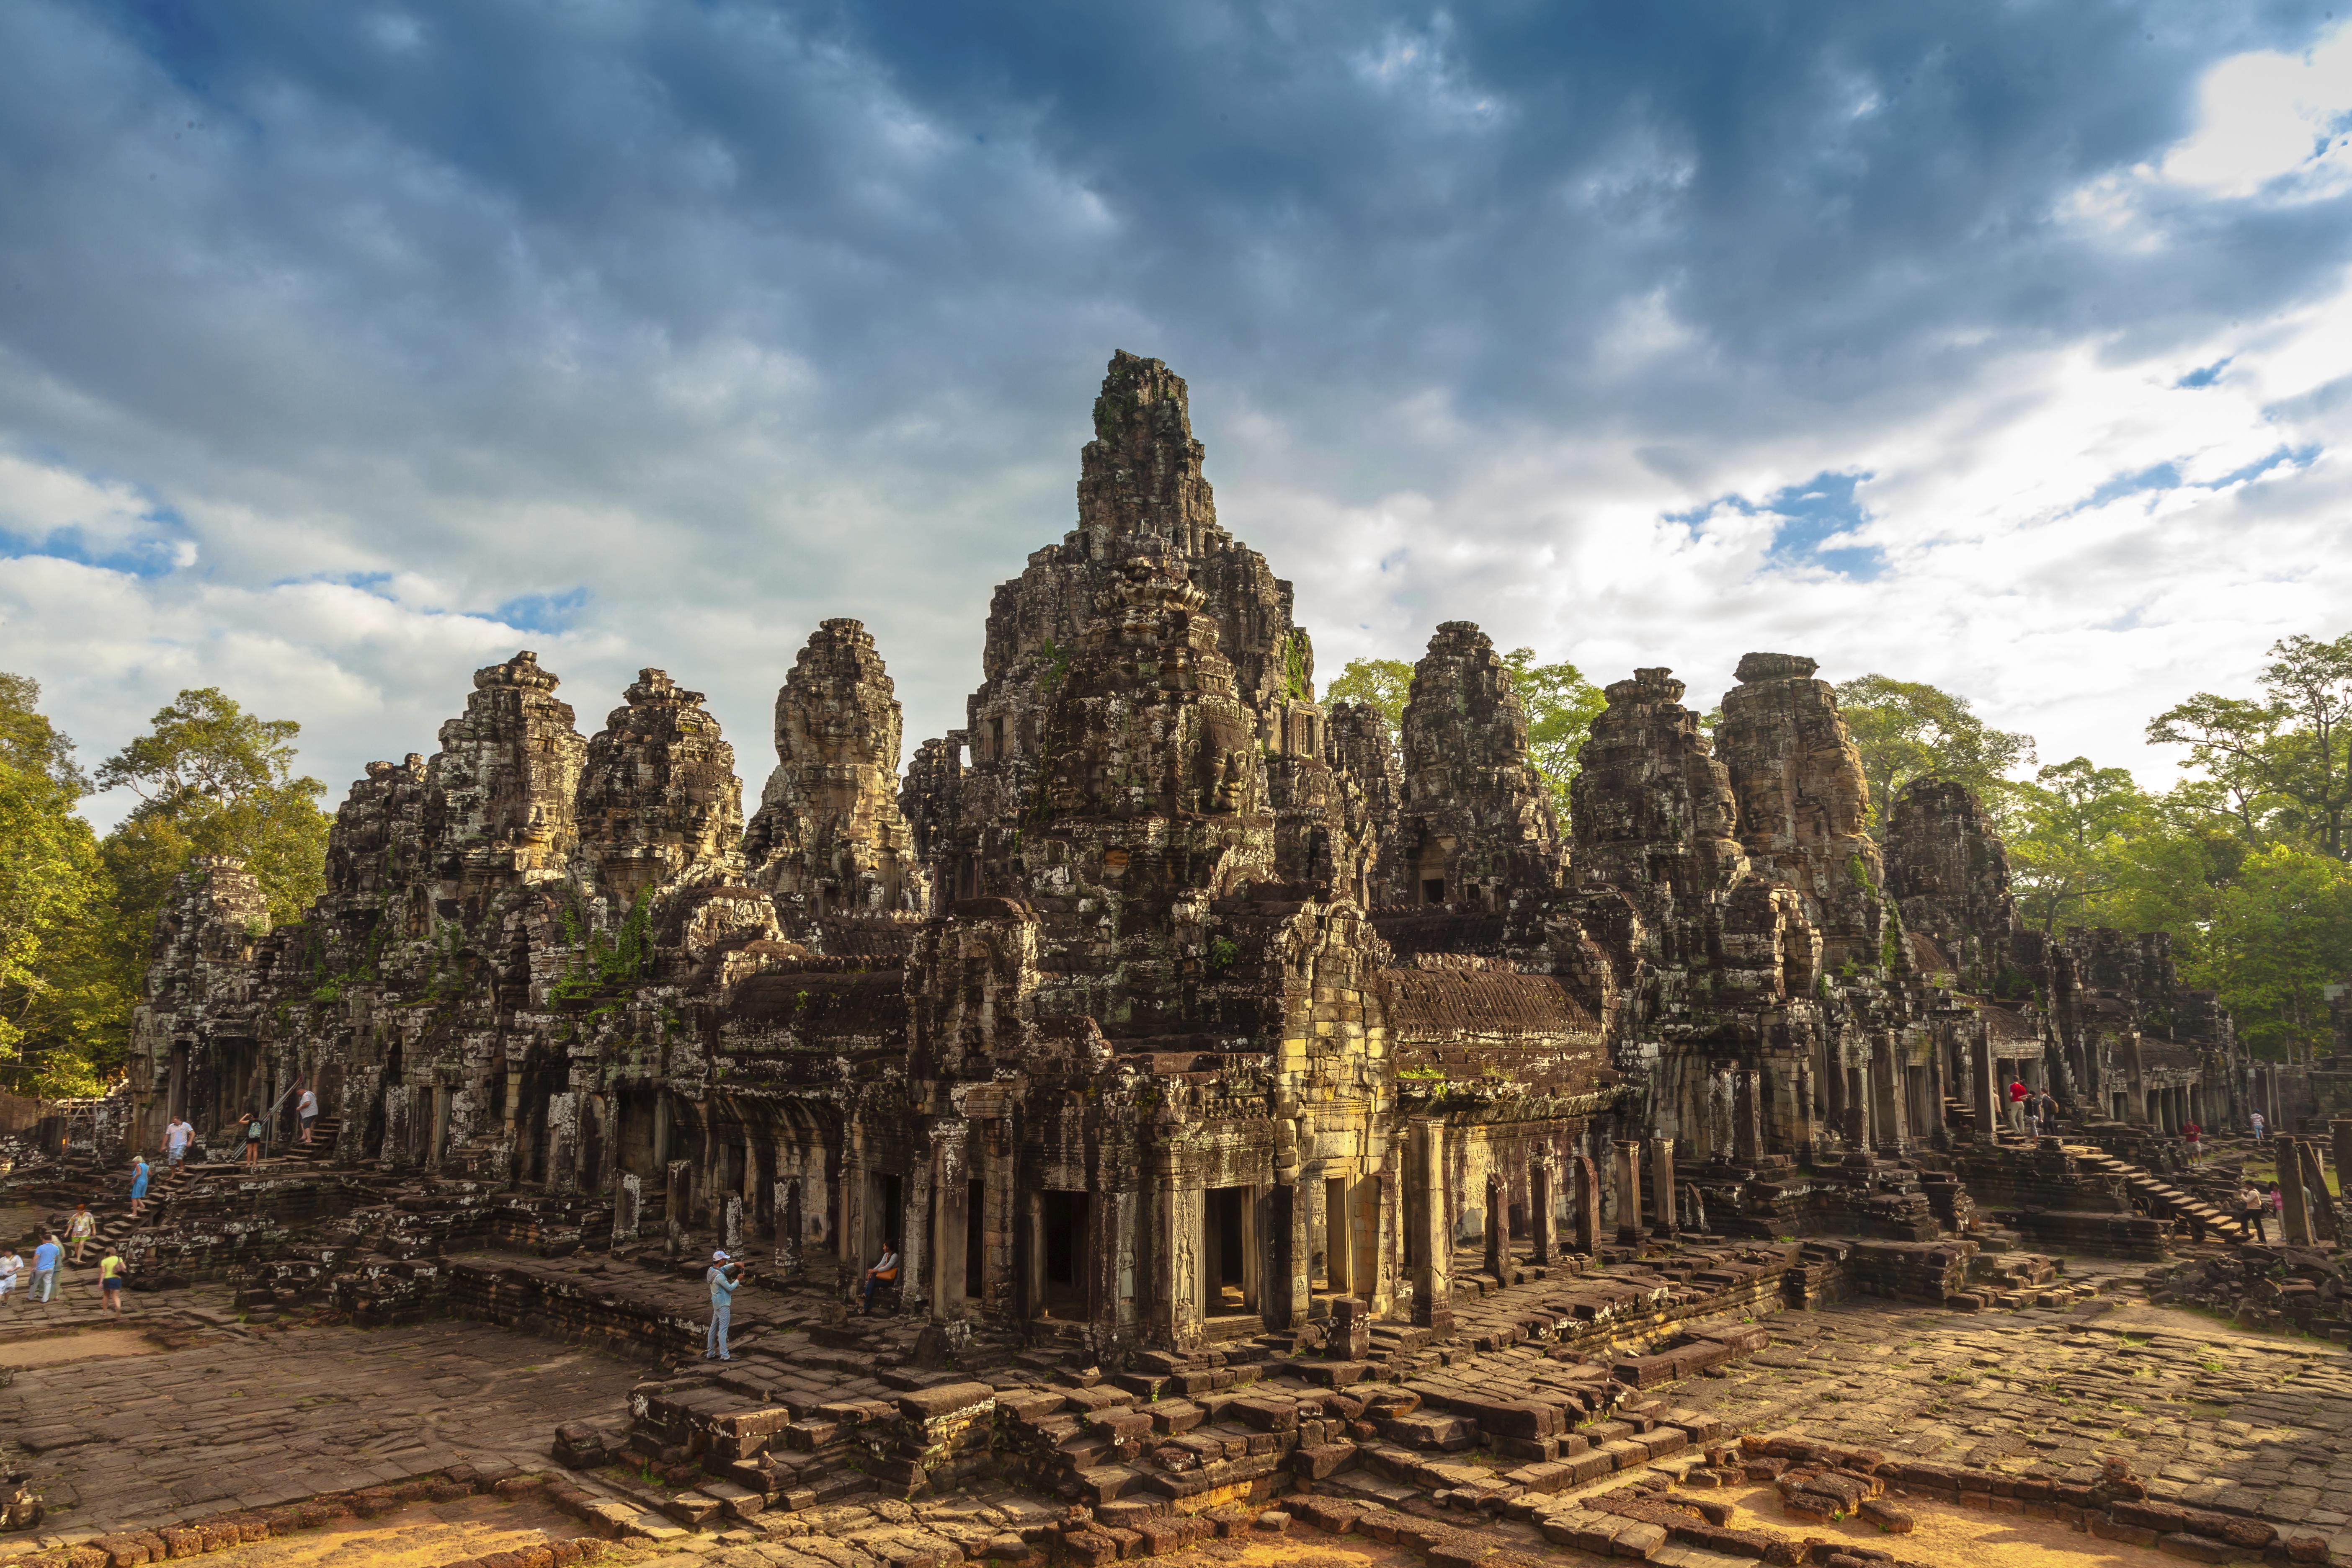 miglior sito di incontri Cambogia compagno di incontri perfetto spettacolo